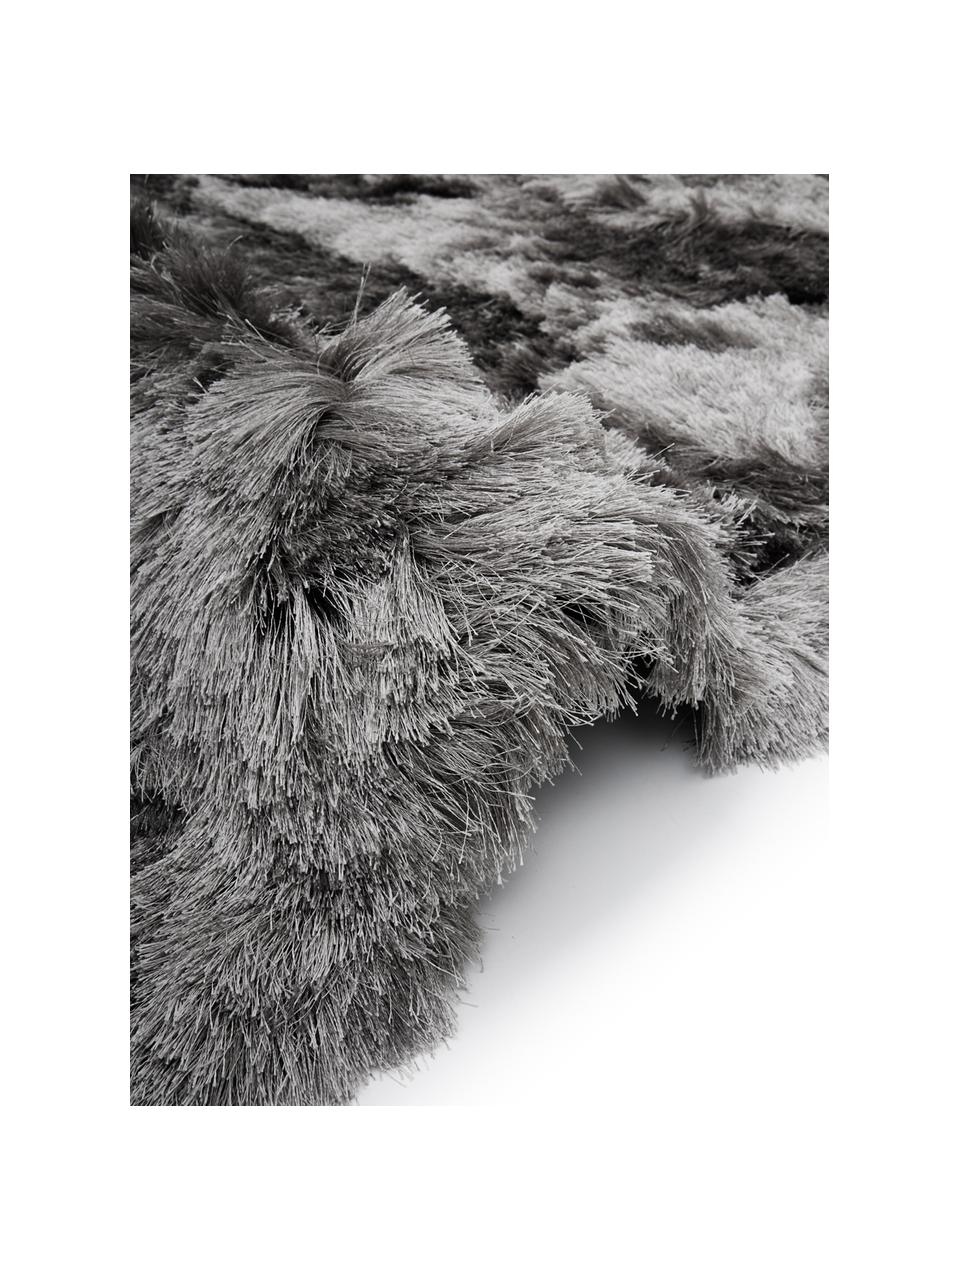 Třpytivý koberec svysokým vlasem Jimmy, Světle šedá